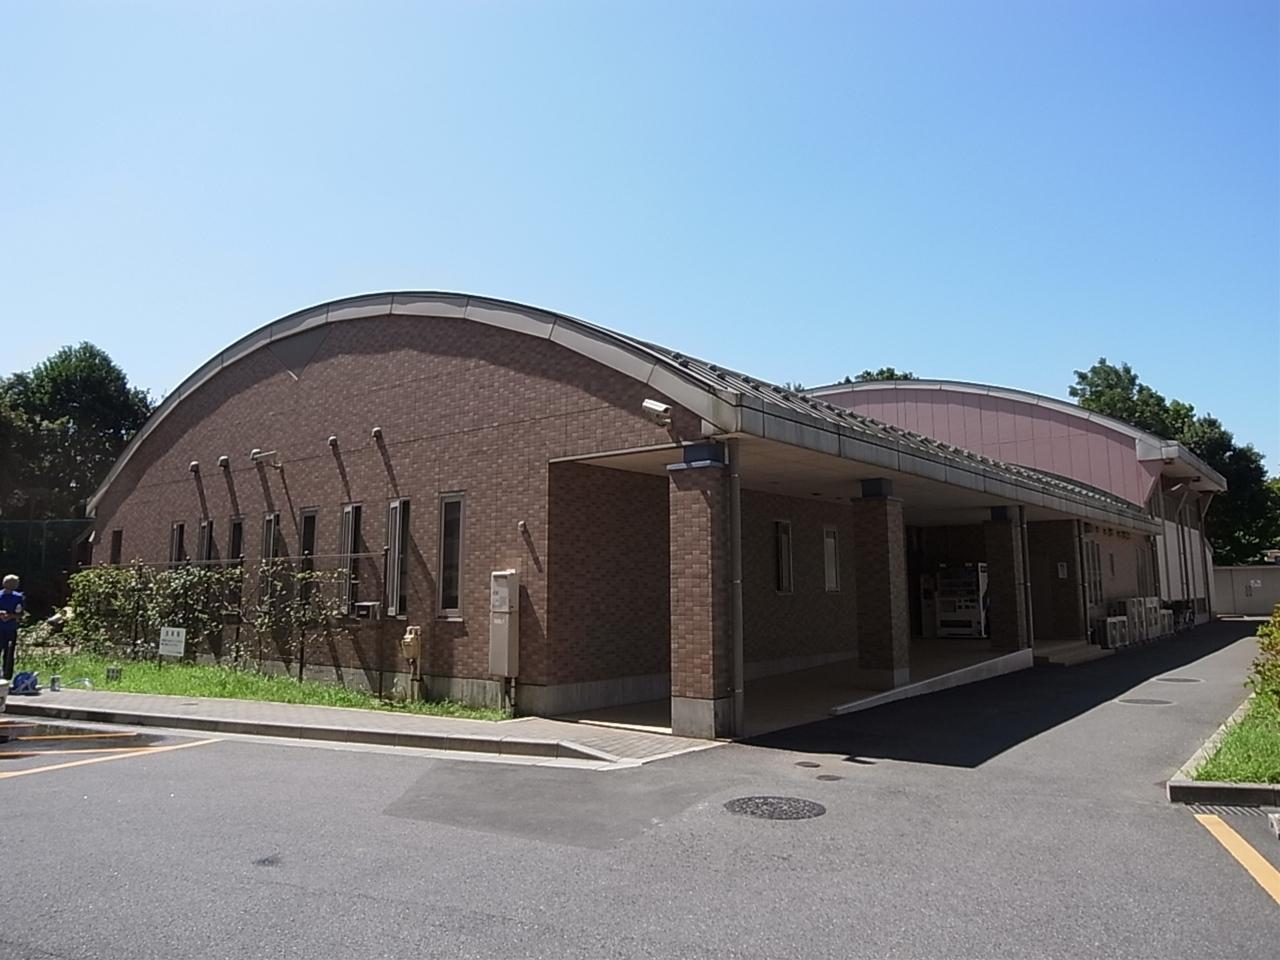 共用棟(託児所・体育館・シアタールーム、カラオケルーム、バーベキューガーデン等充実の共用施設です)